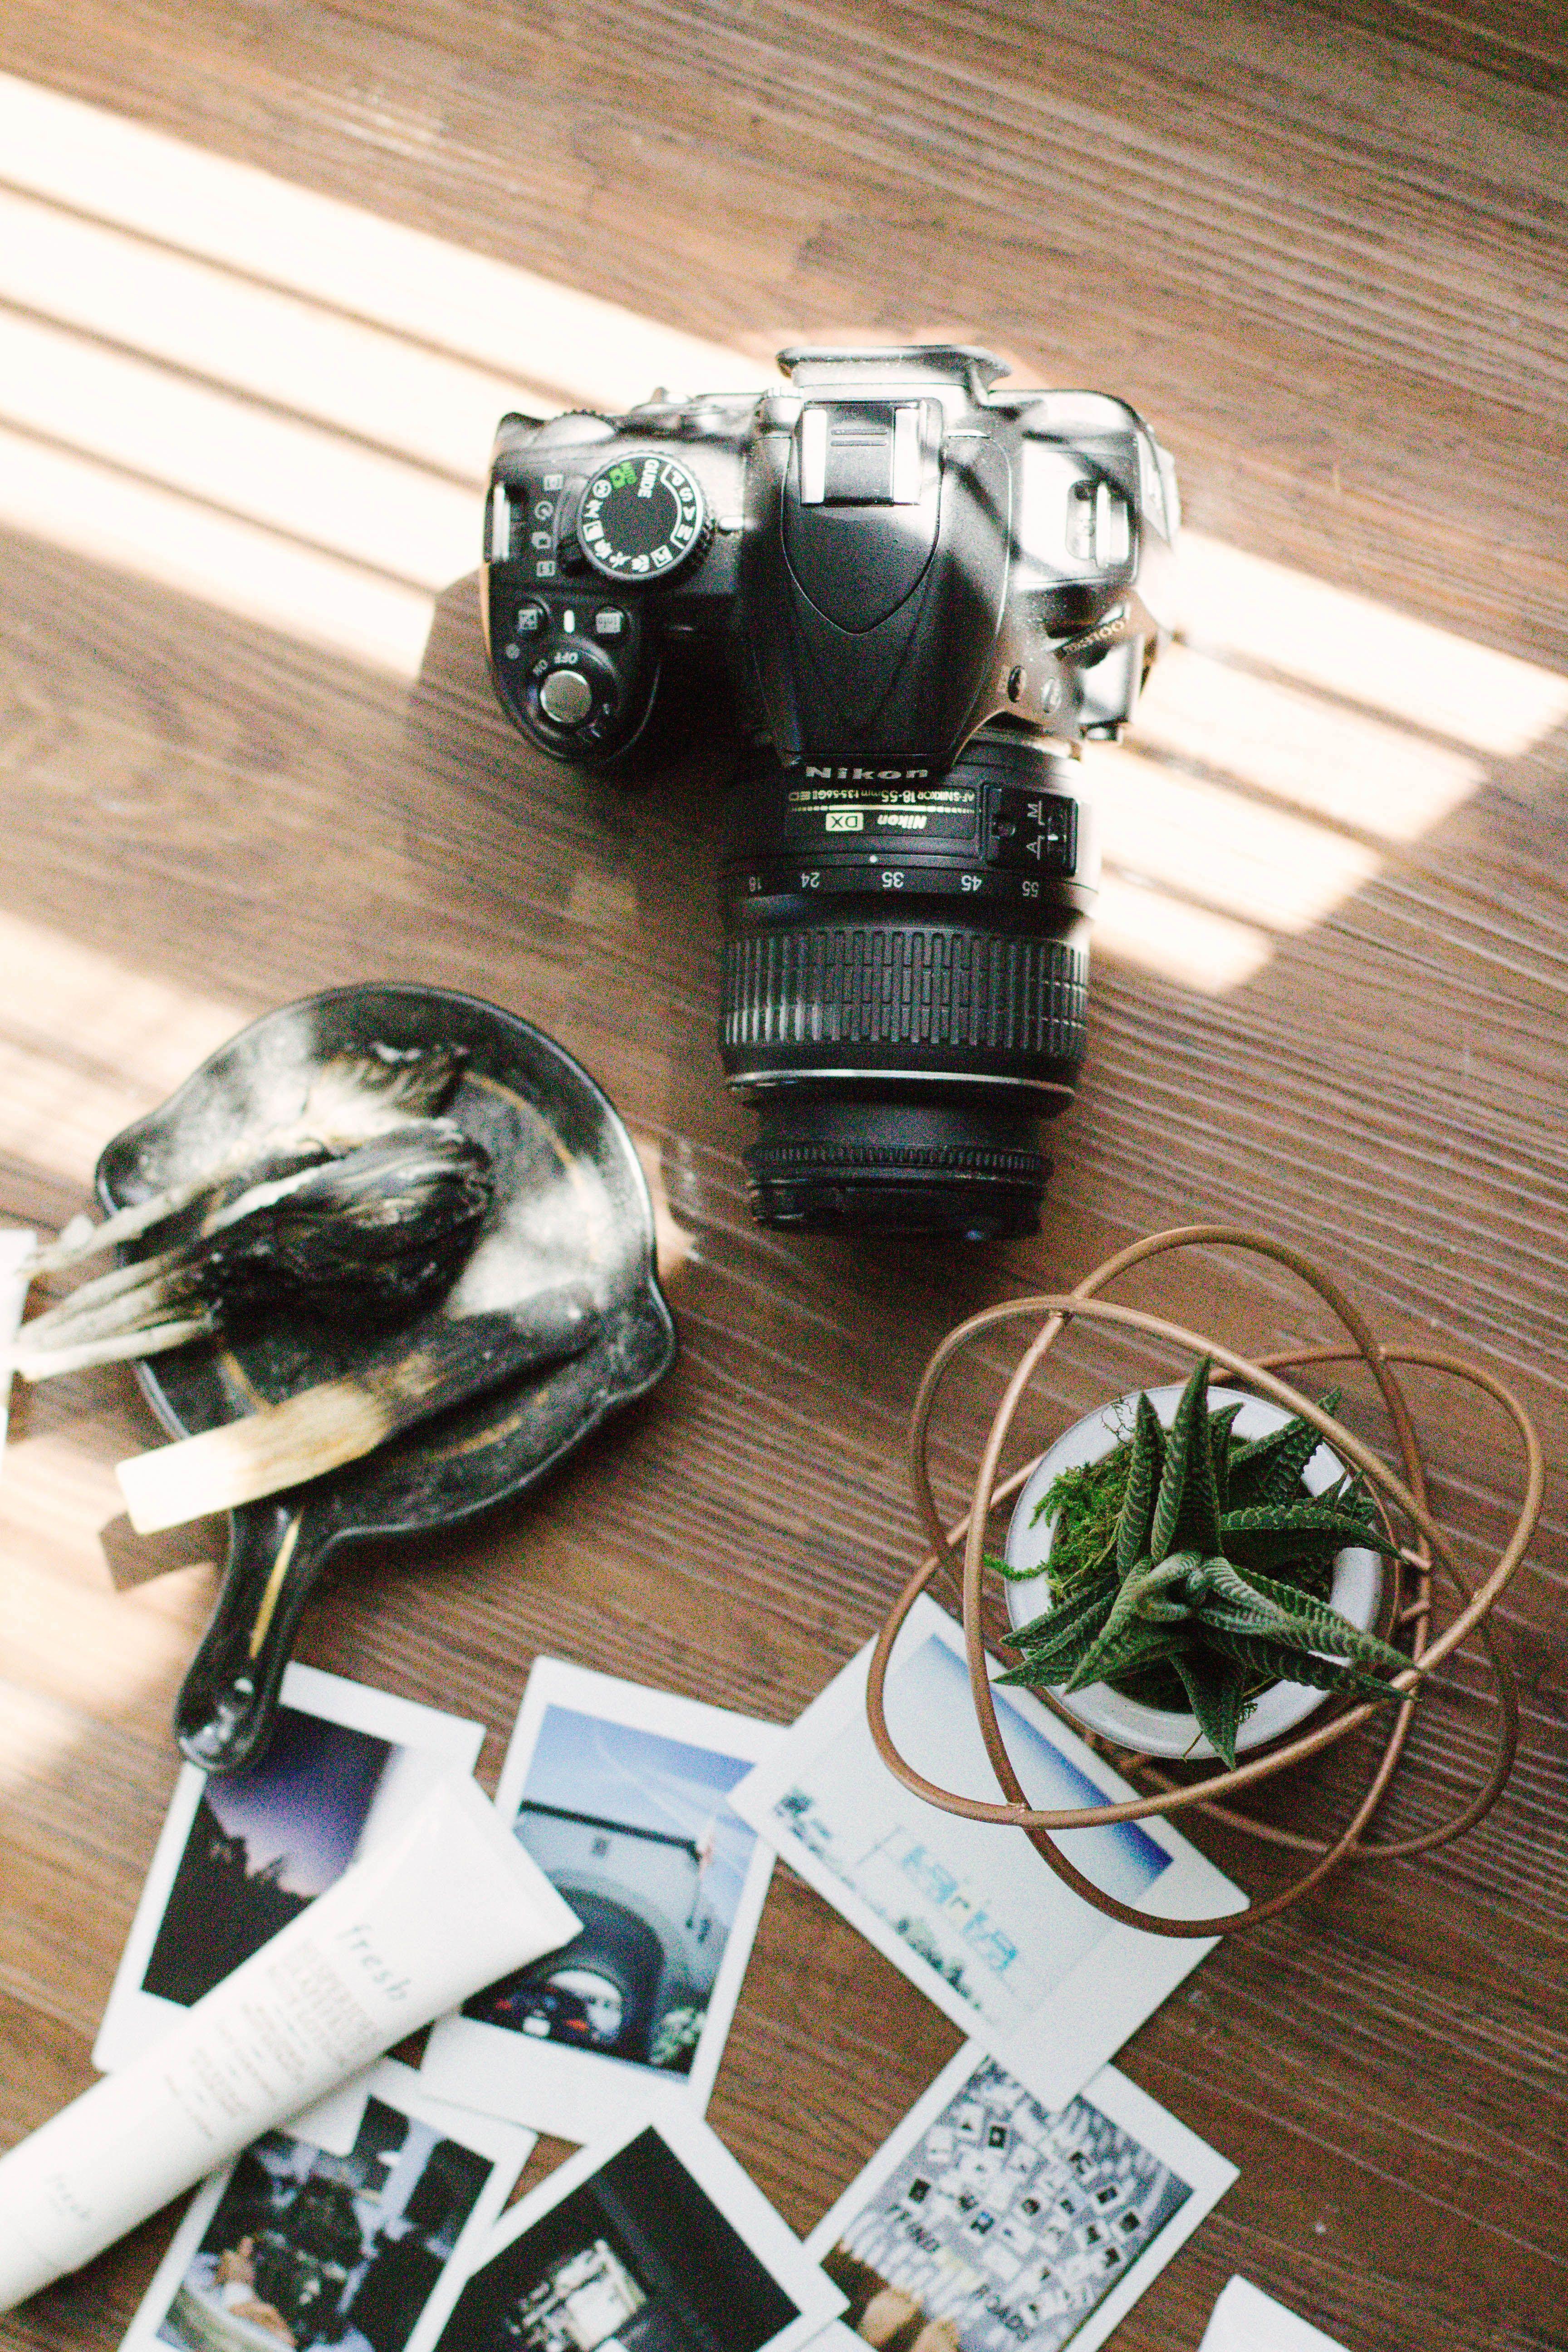 30 Instagram hashtags for polaroid lovers | Instagram ...